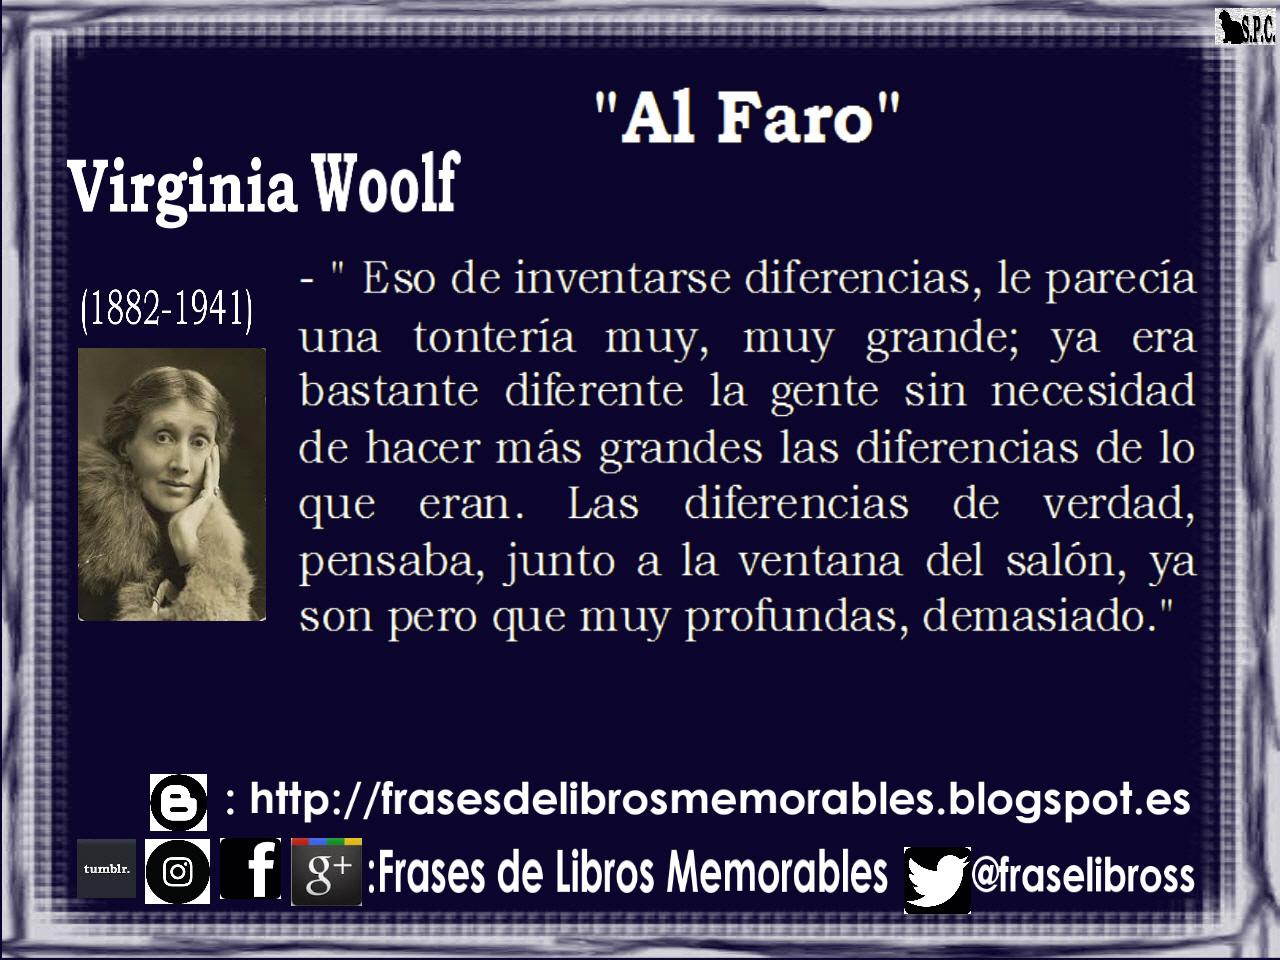 Frases De Libros Memorables Al Faro Virginia Woolf 1927